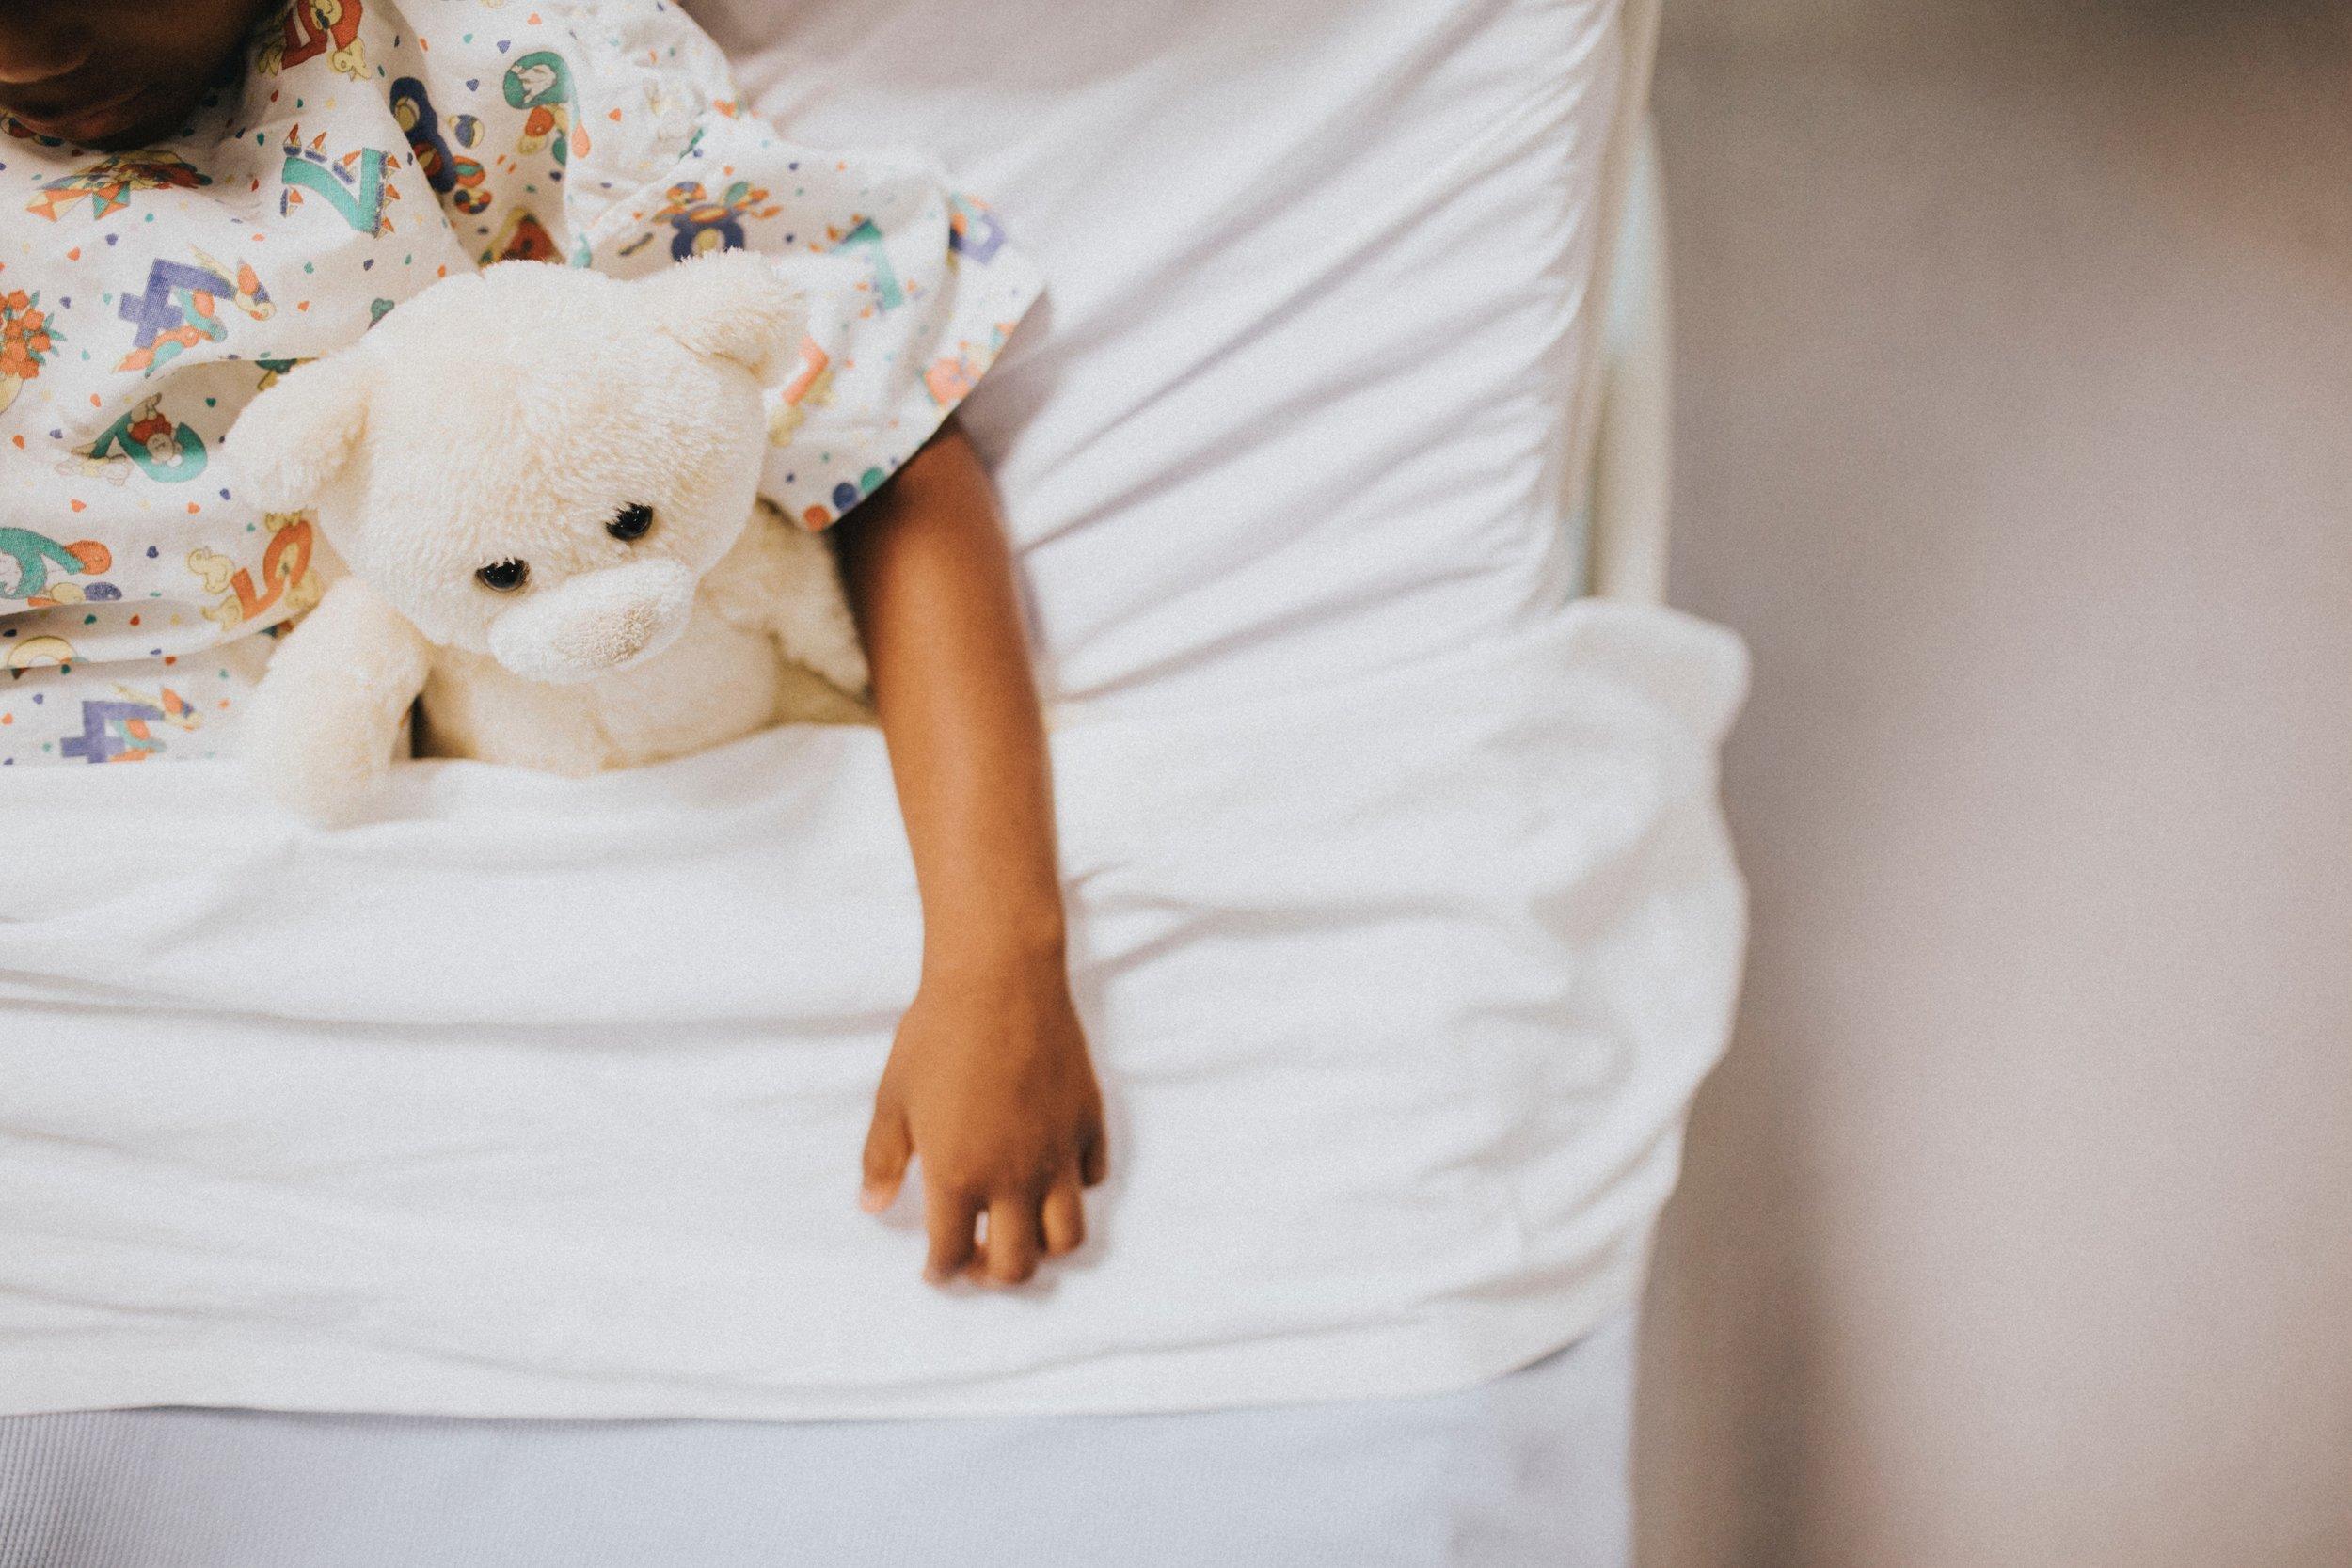 alone-arm-bear-1530263.jpg